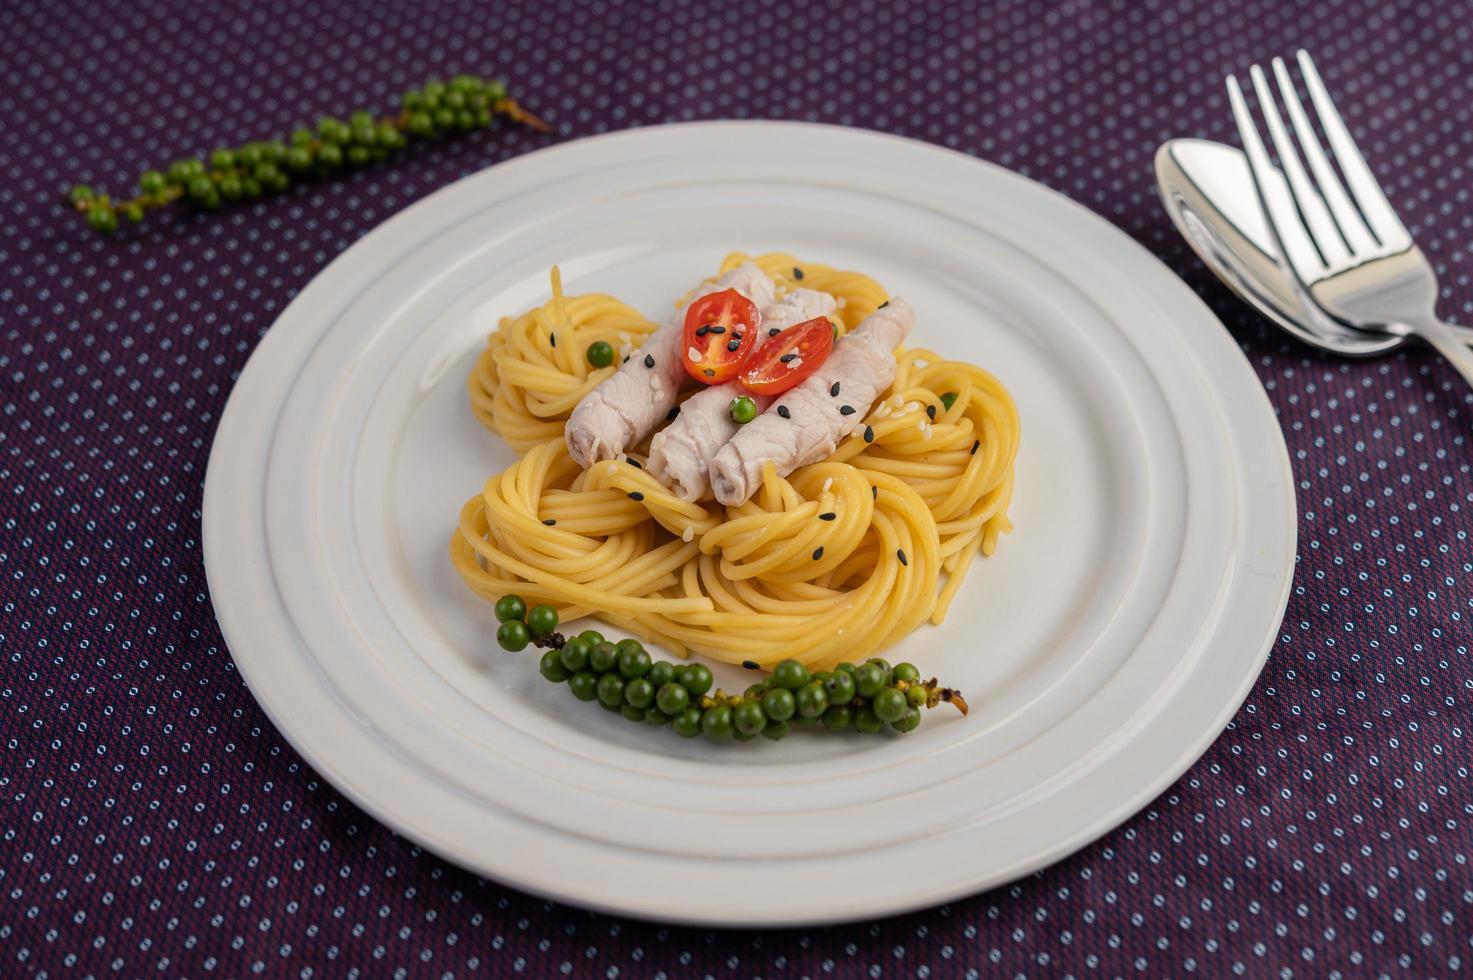 Espaguetis y cerdo plateados dispuestos en una placa blanca. foto